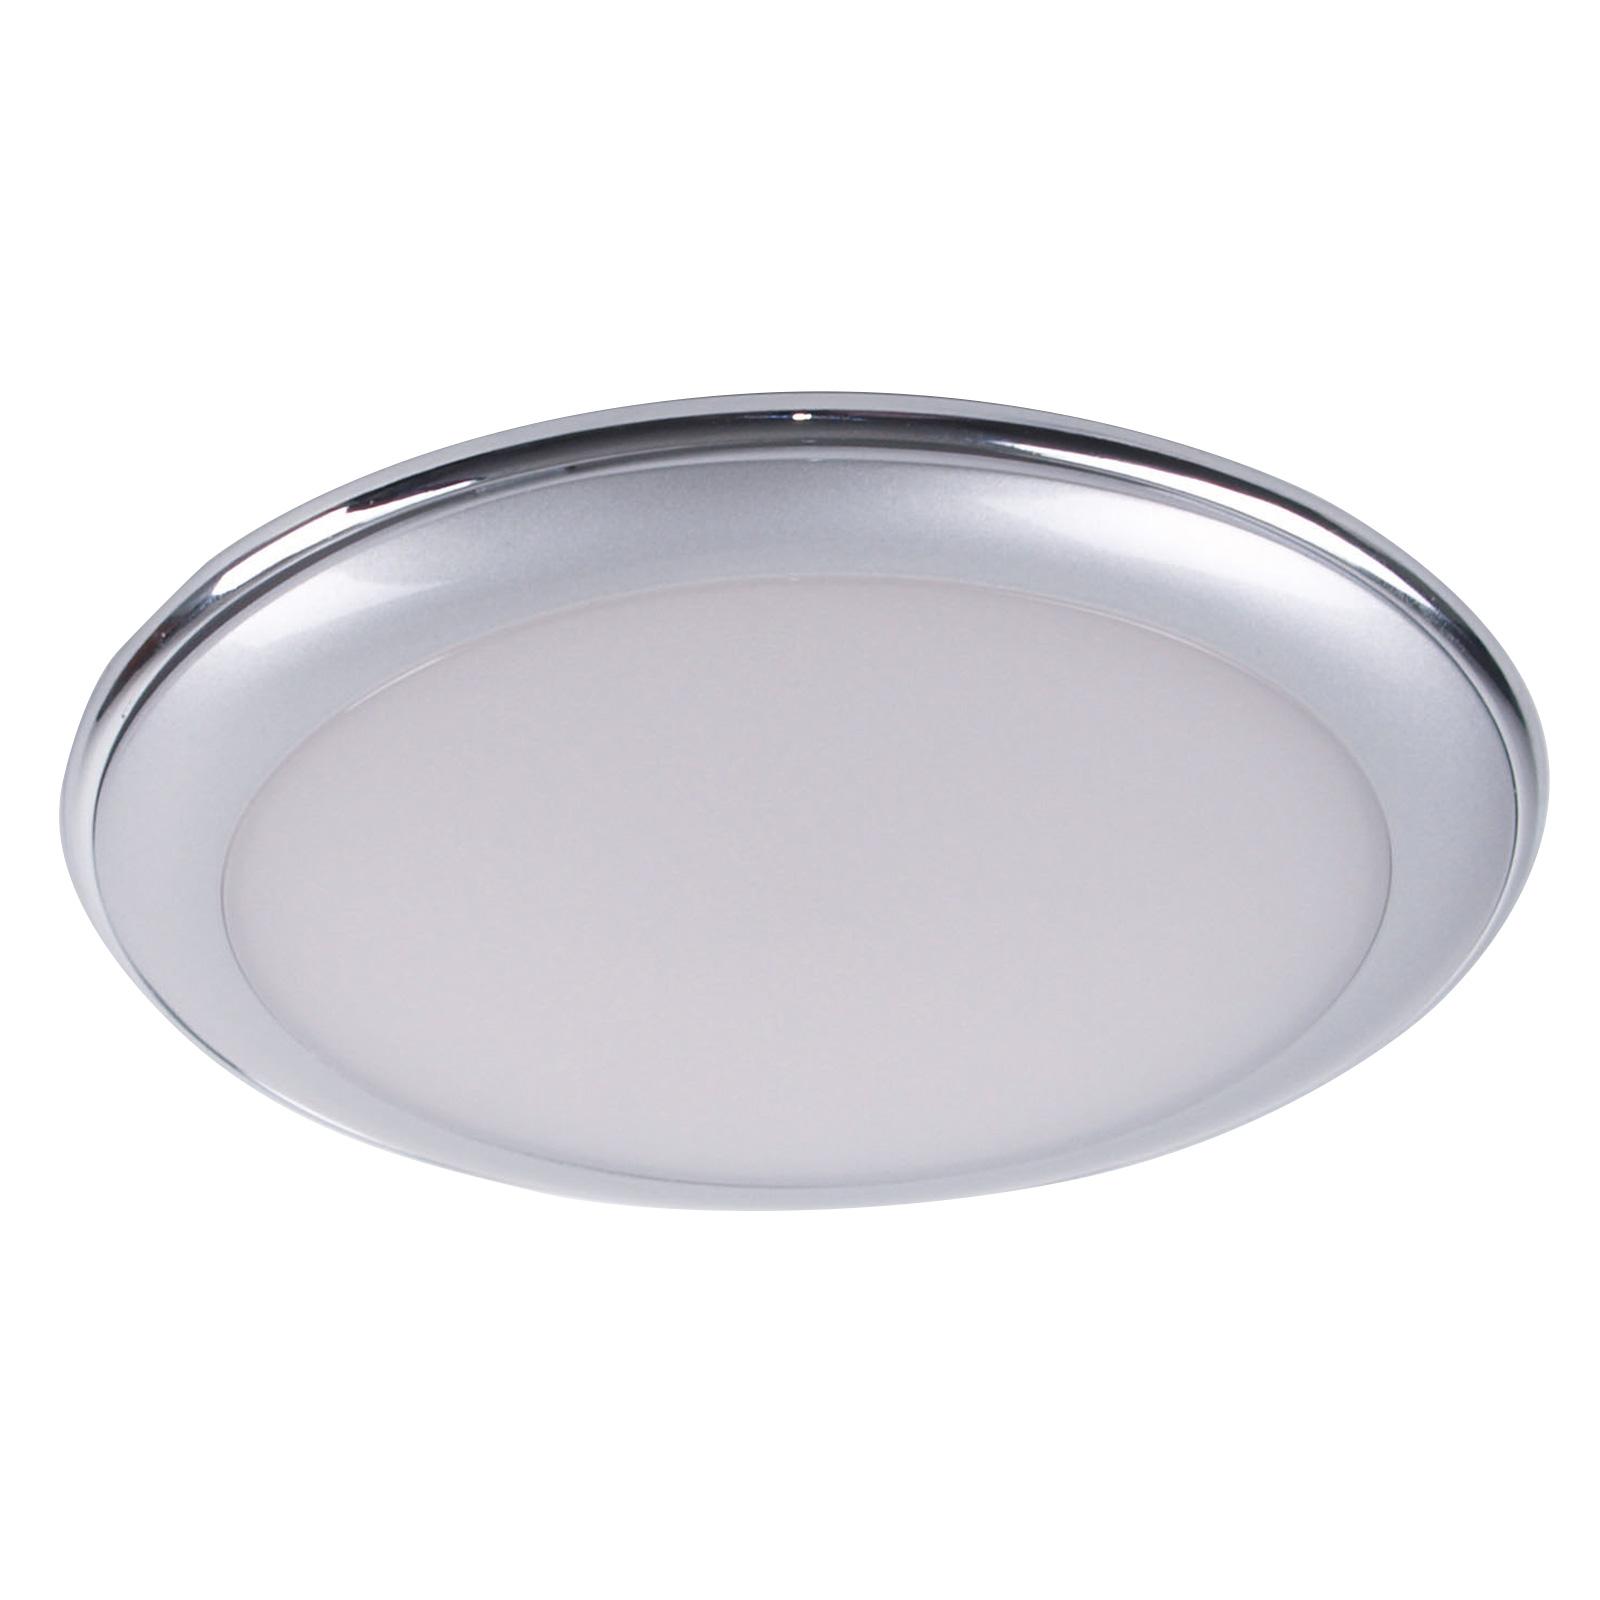 LED-Leuchte rund mit Touchsensor Ø130xH10mm 550 Lumen